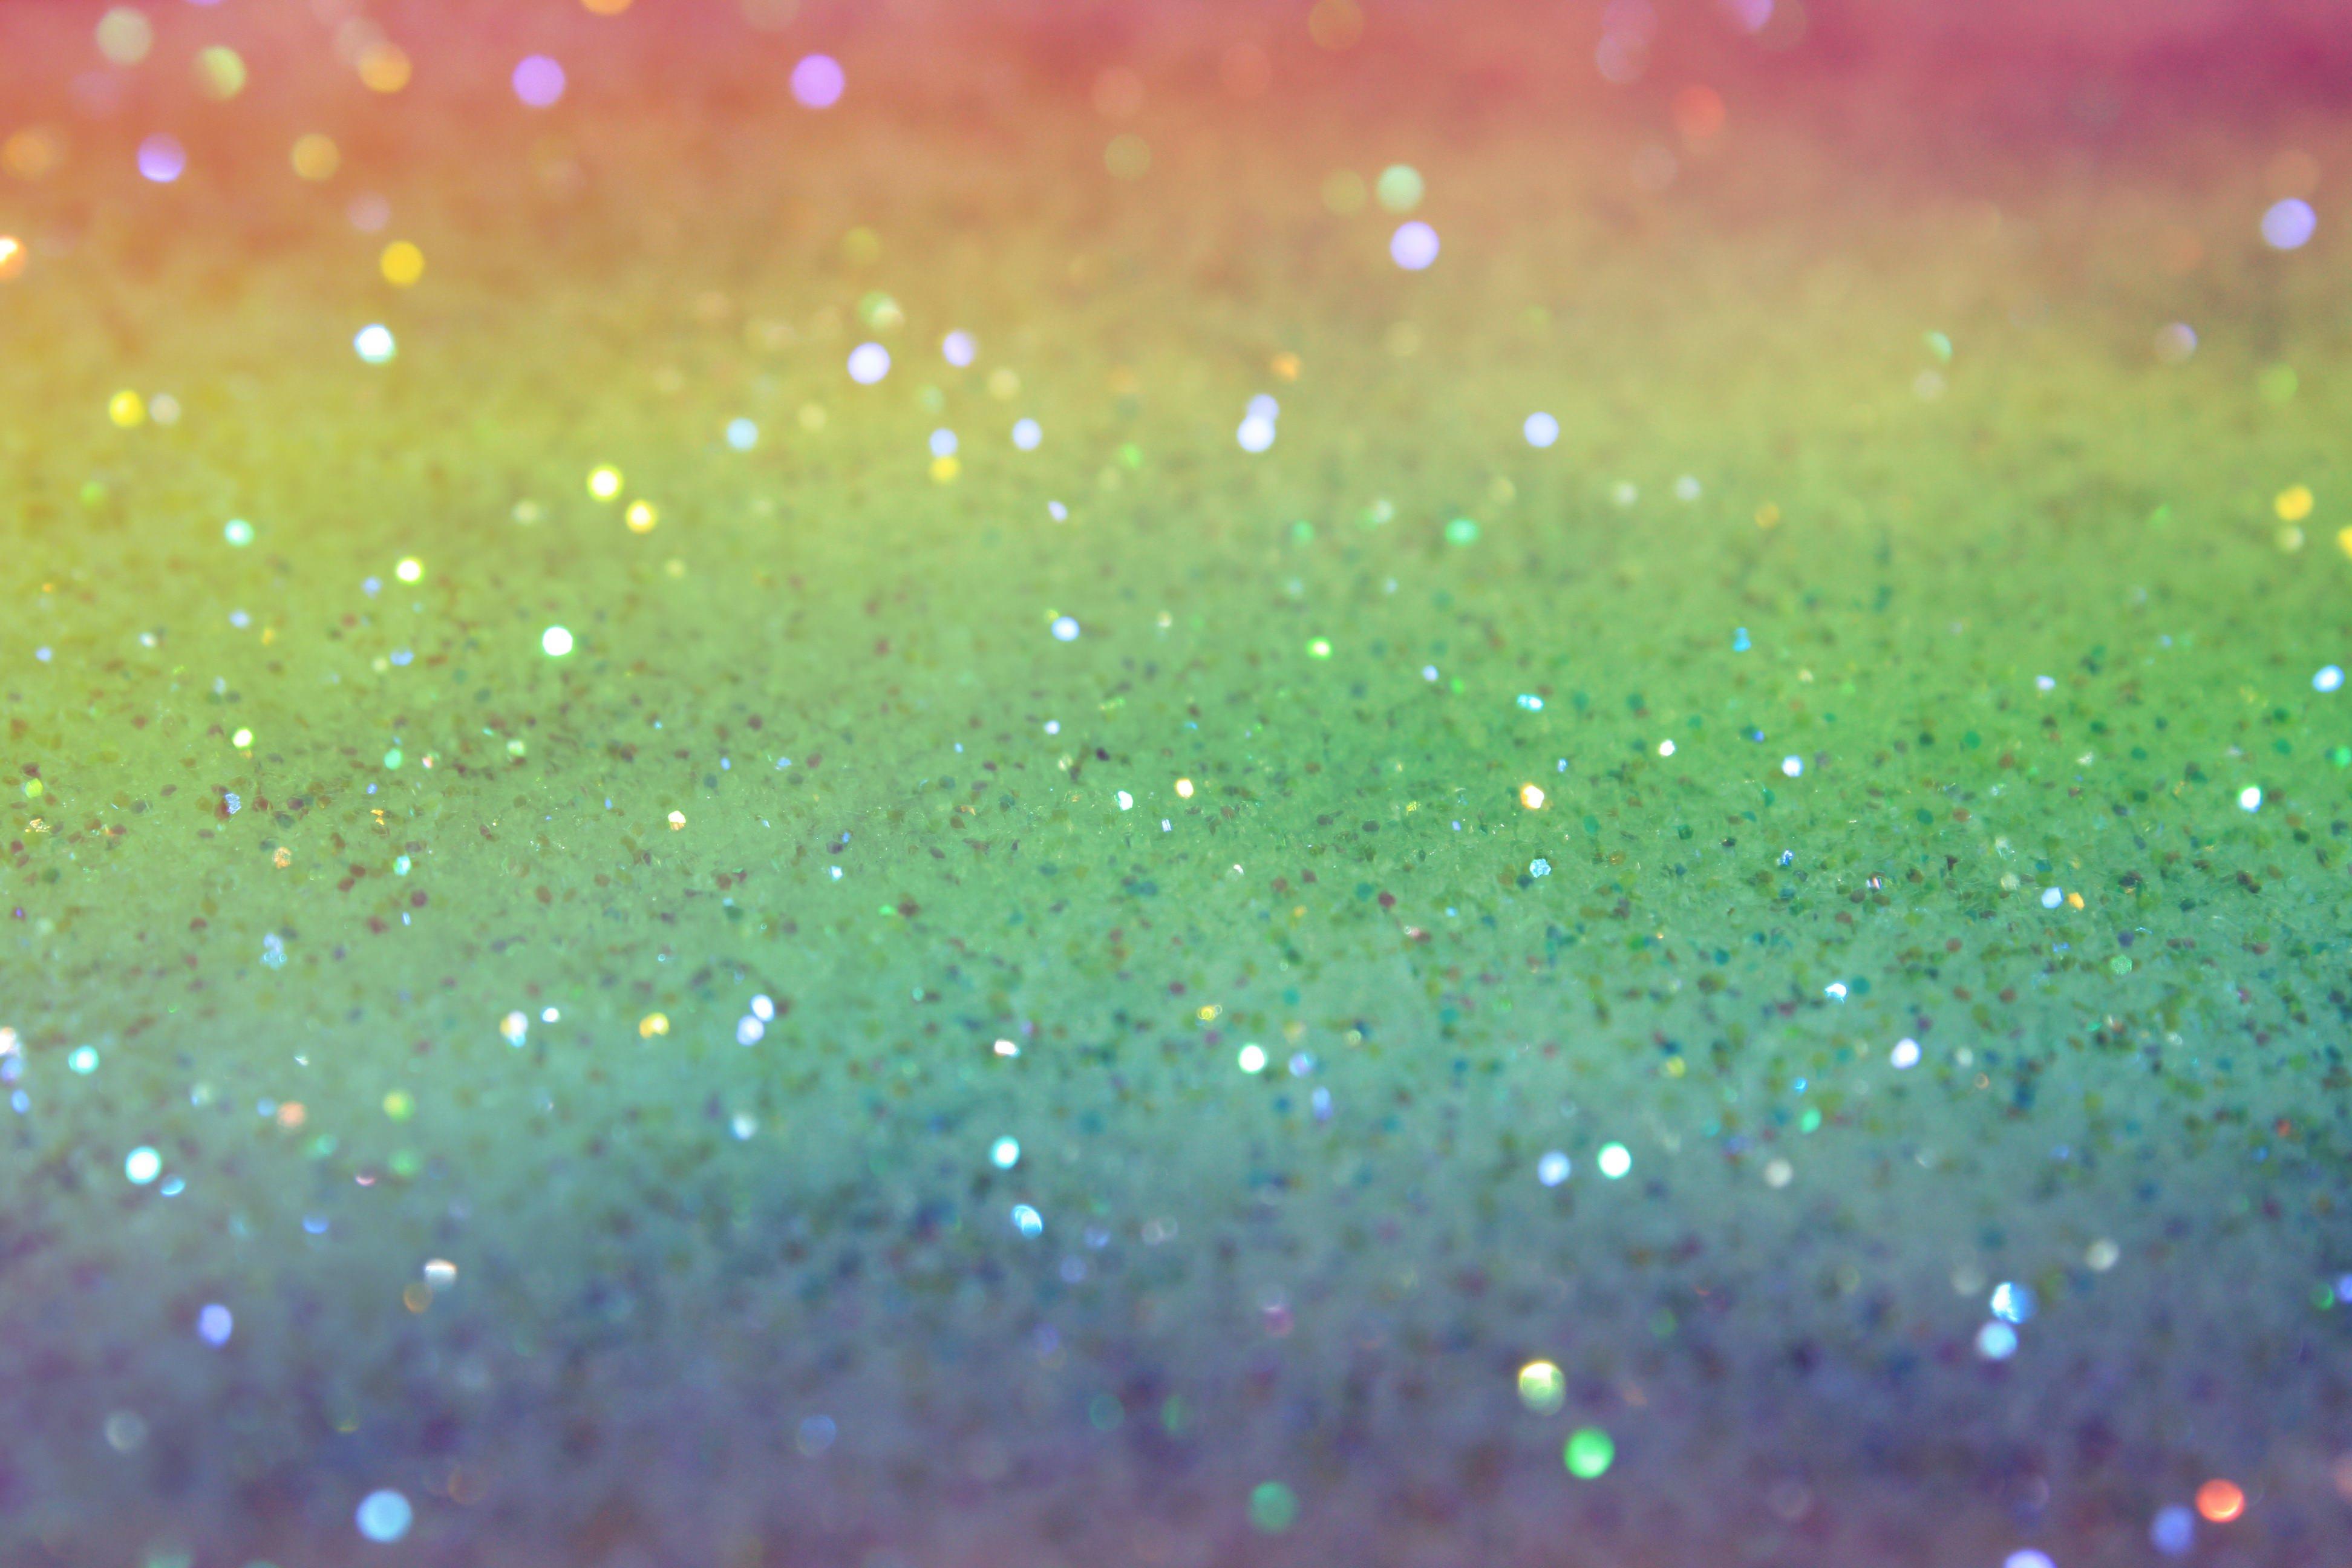 Rainbow Glitter Textures